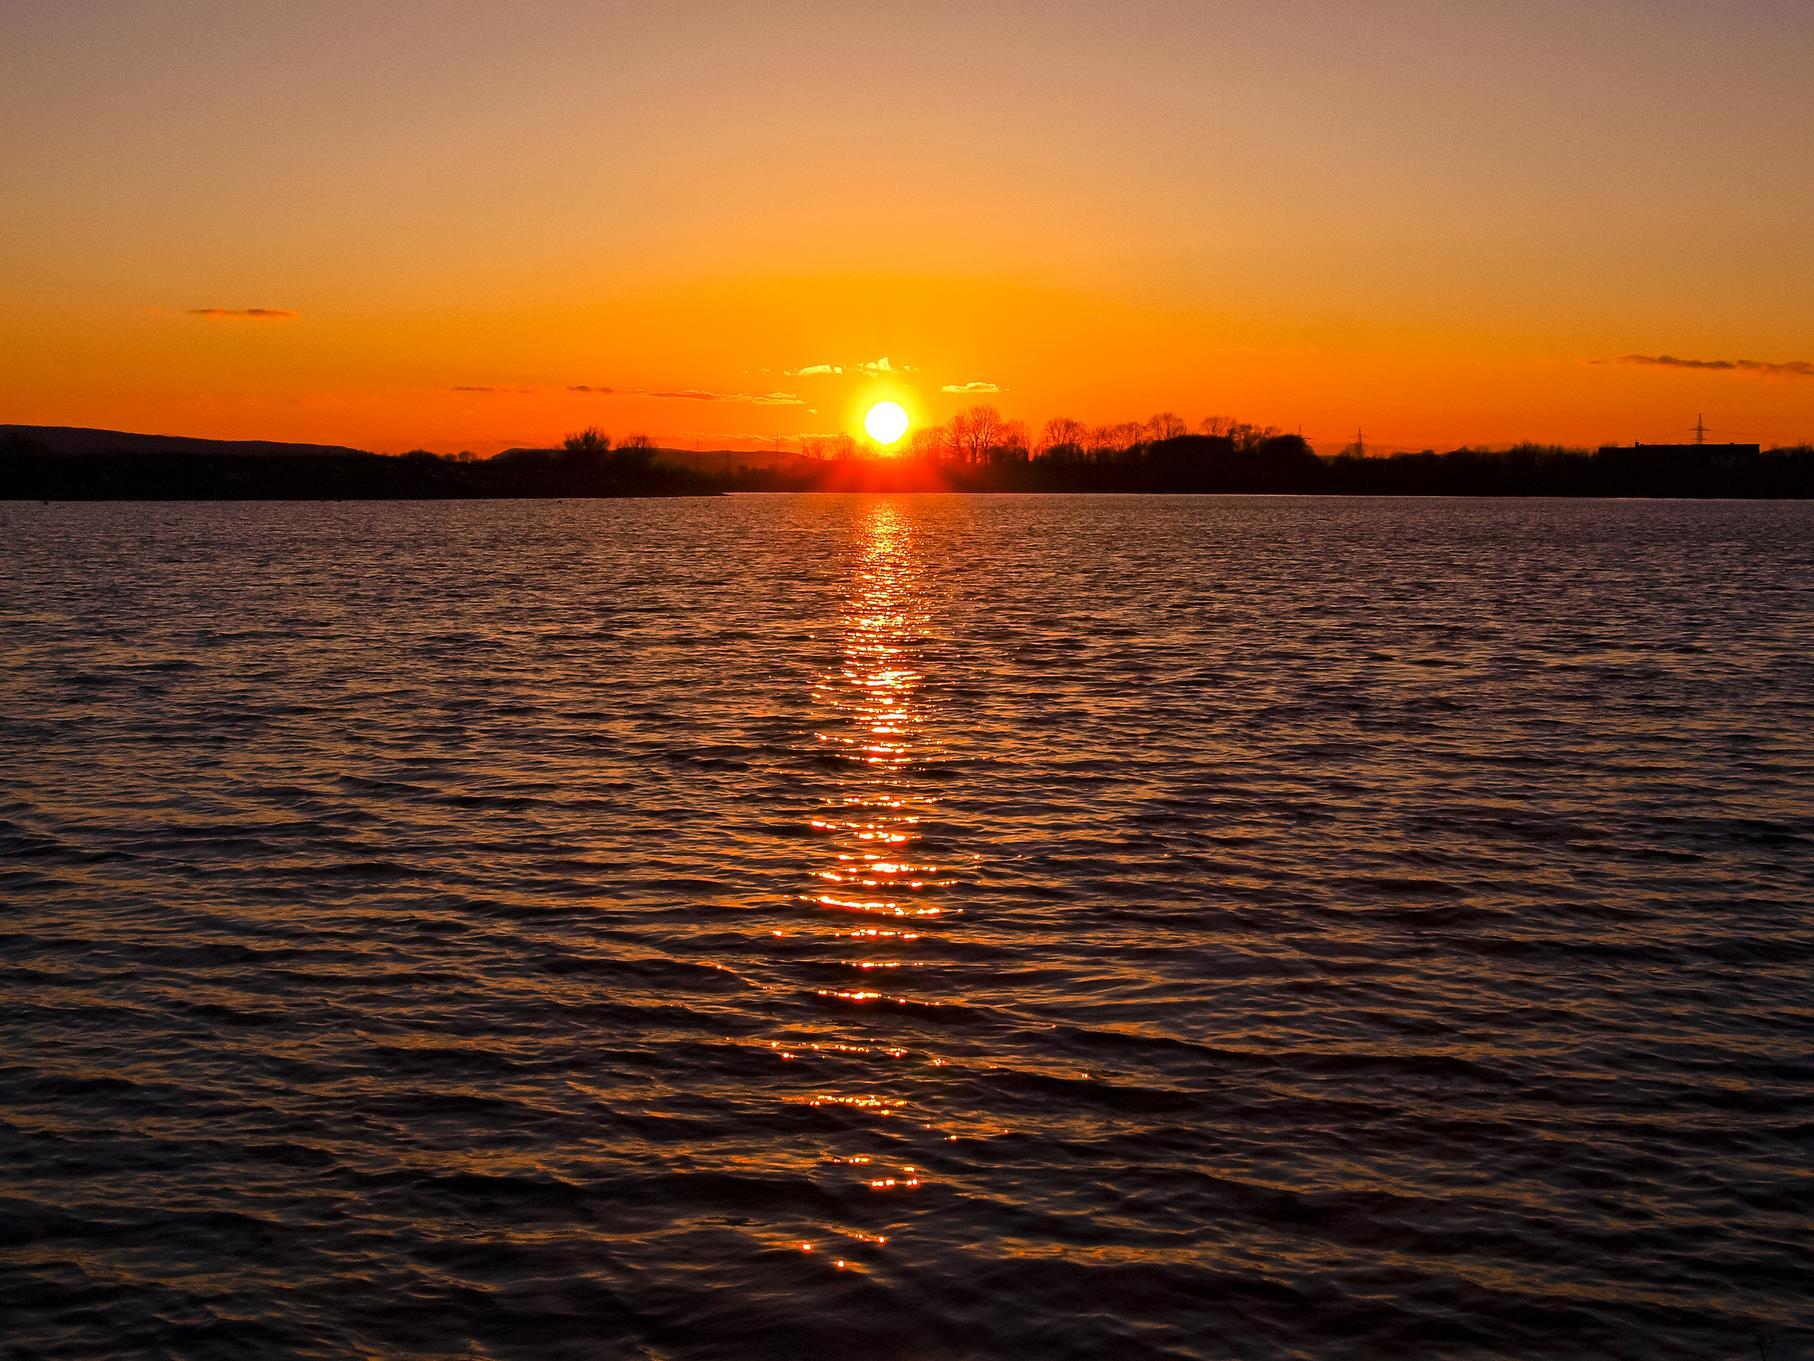 Sonnenuntergang am westlichen Teich.